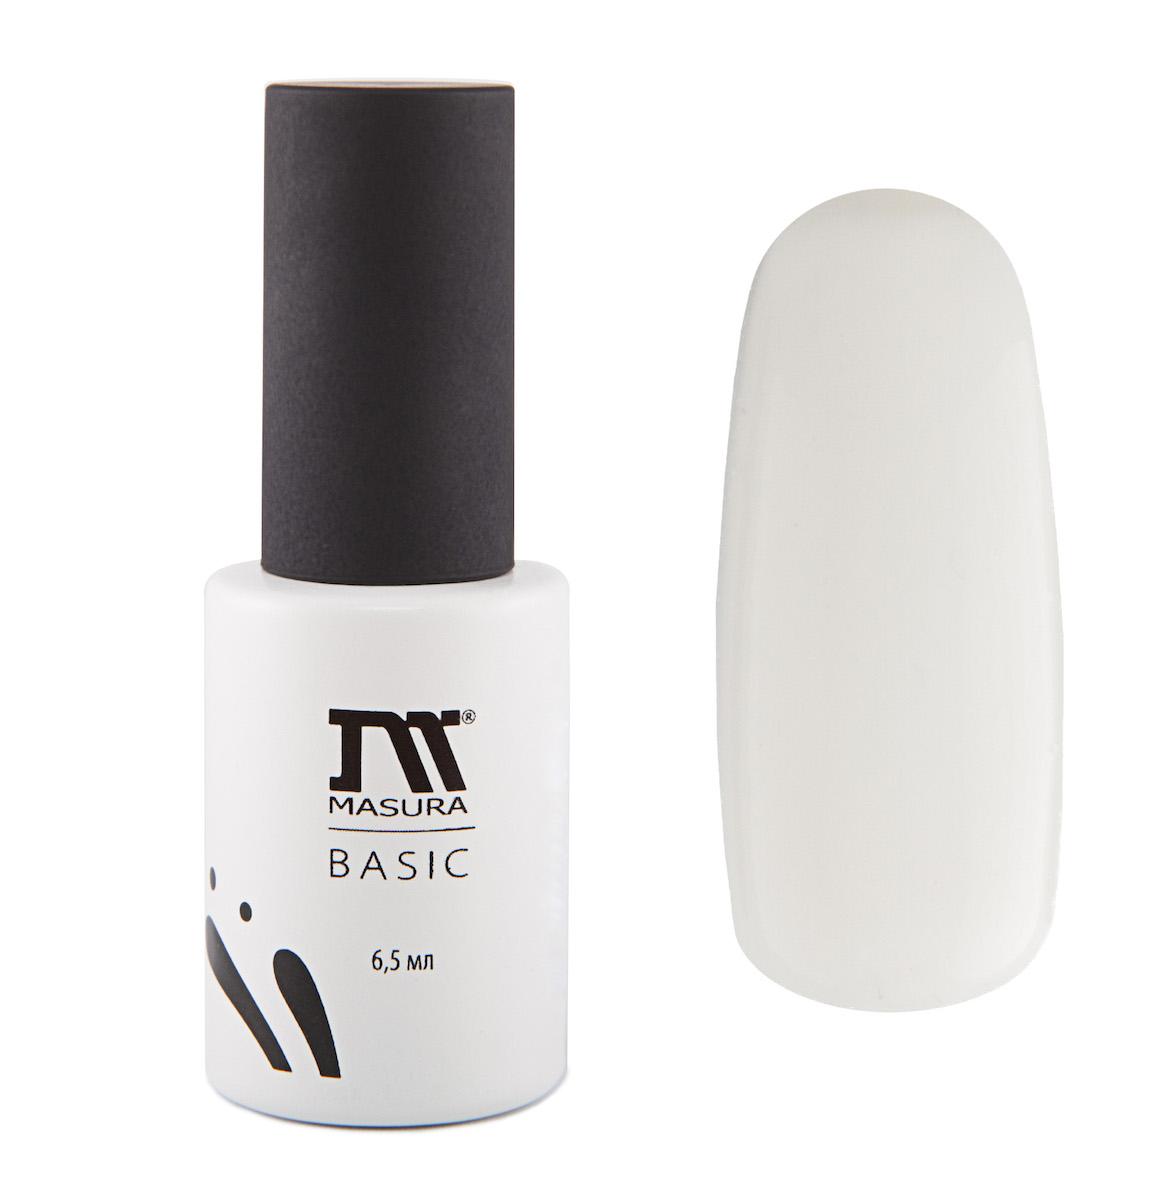 Masura BASIC White Base/Белая основа для гель-лаков 6,5 мл294-00Белая база рекомендуется для применения с неплотными, полупрозрачными цветными гель-лаками. Требует применения праймера (артикул 312).